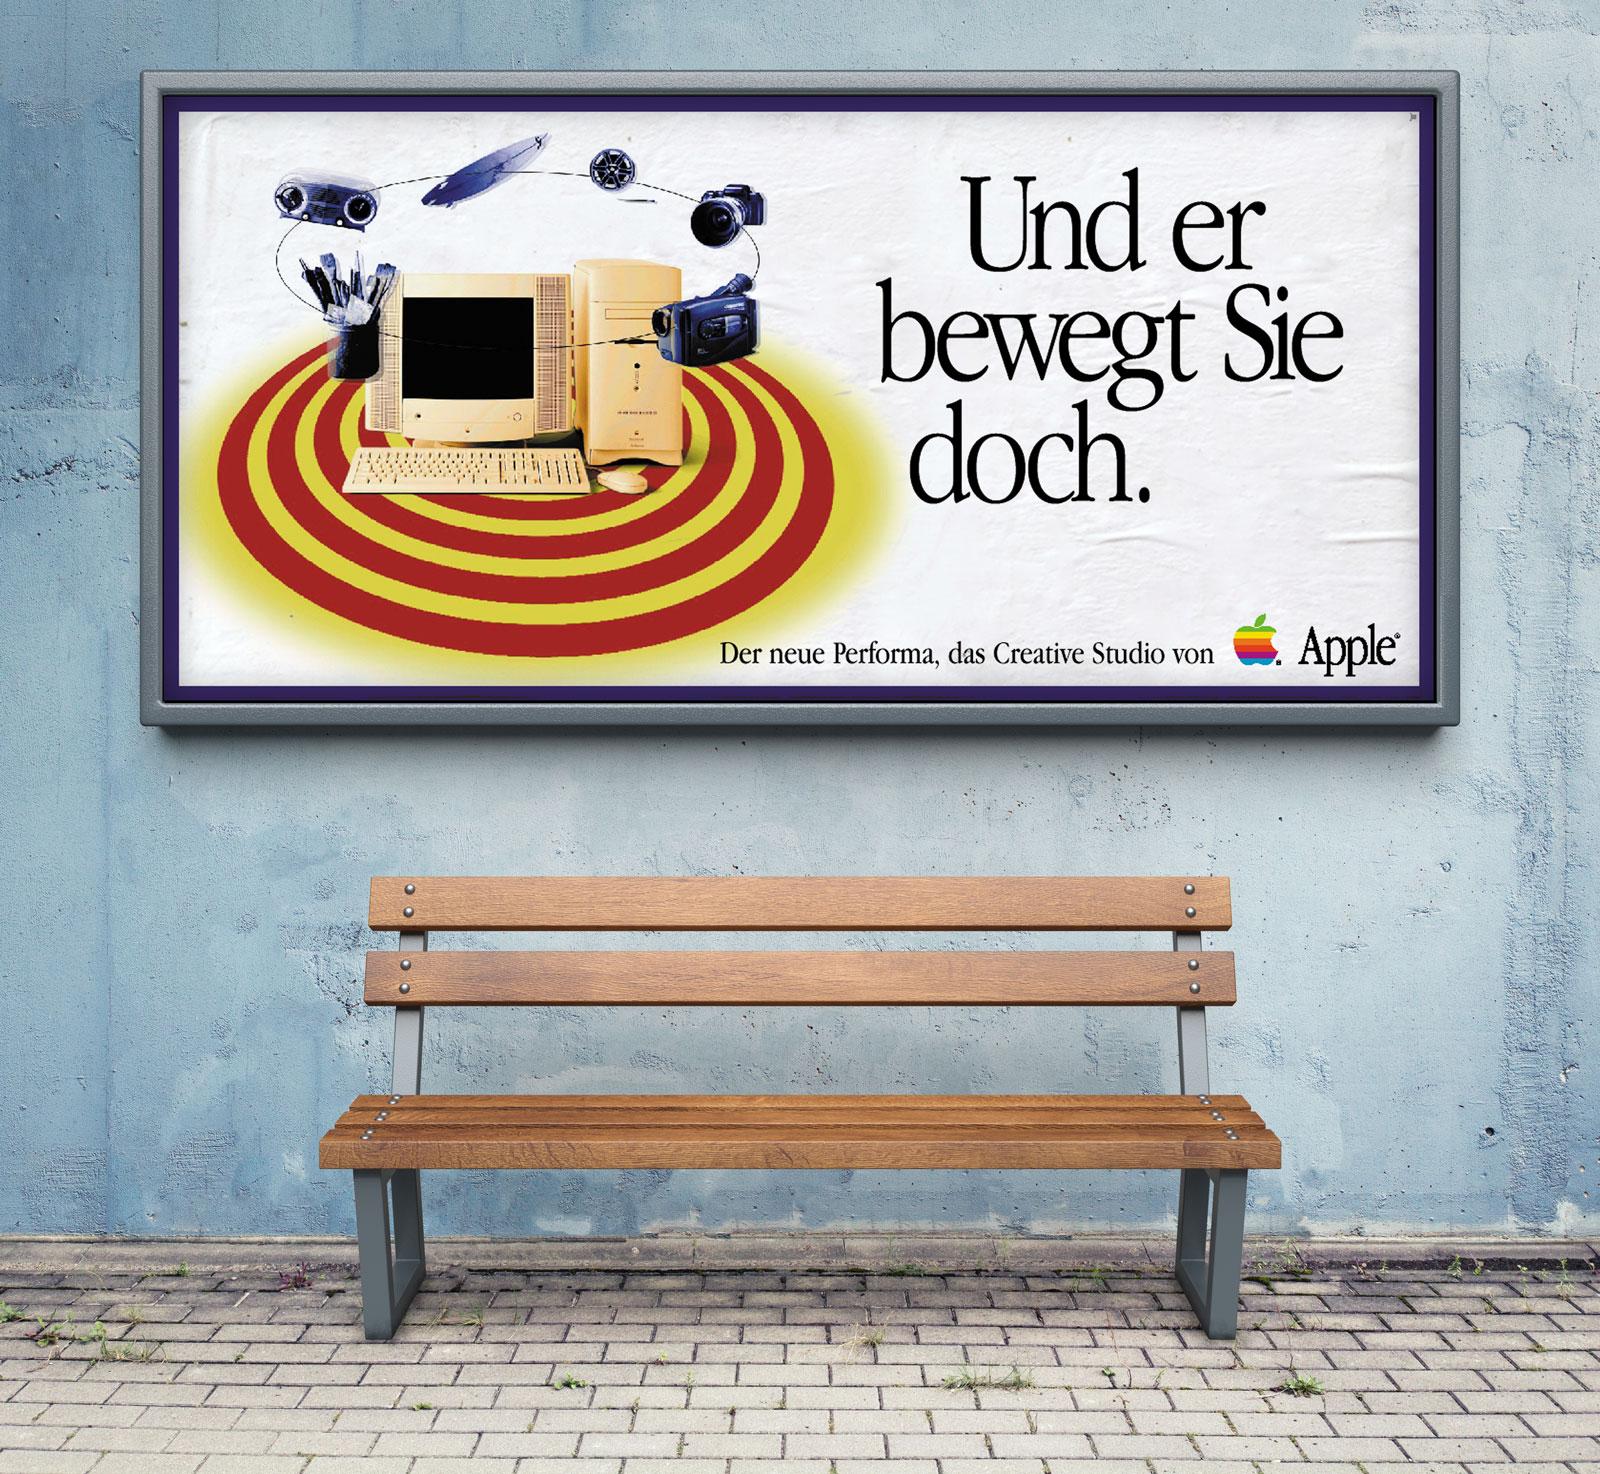 Apple-Plakatwand.jpg